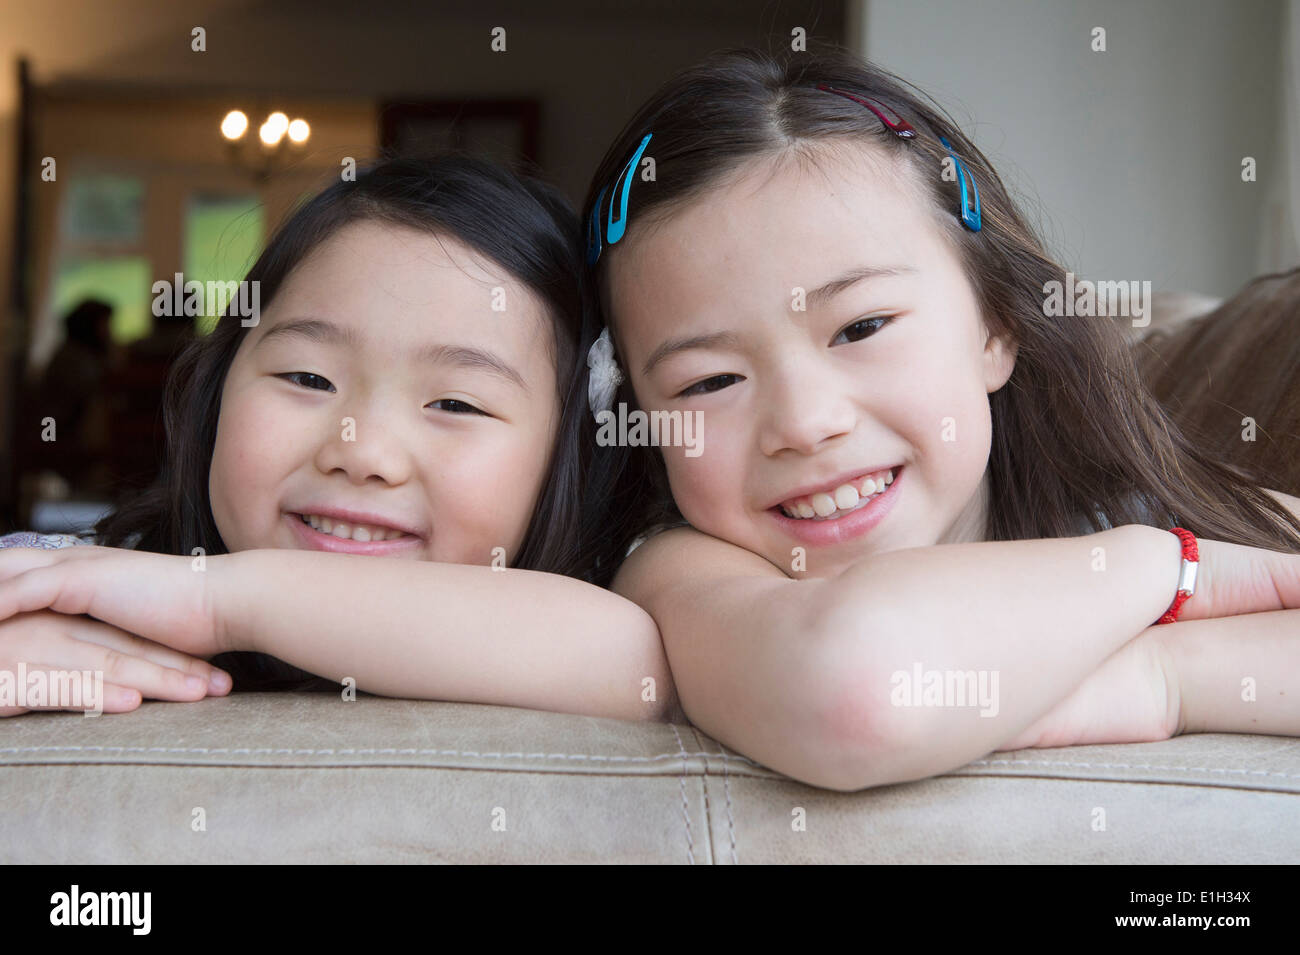 Ritratto di due giovani ragazze appoggiata sul divano Immagini Stock